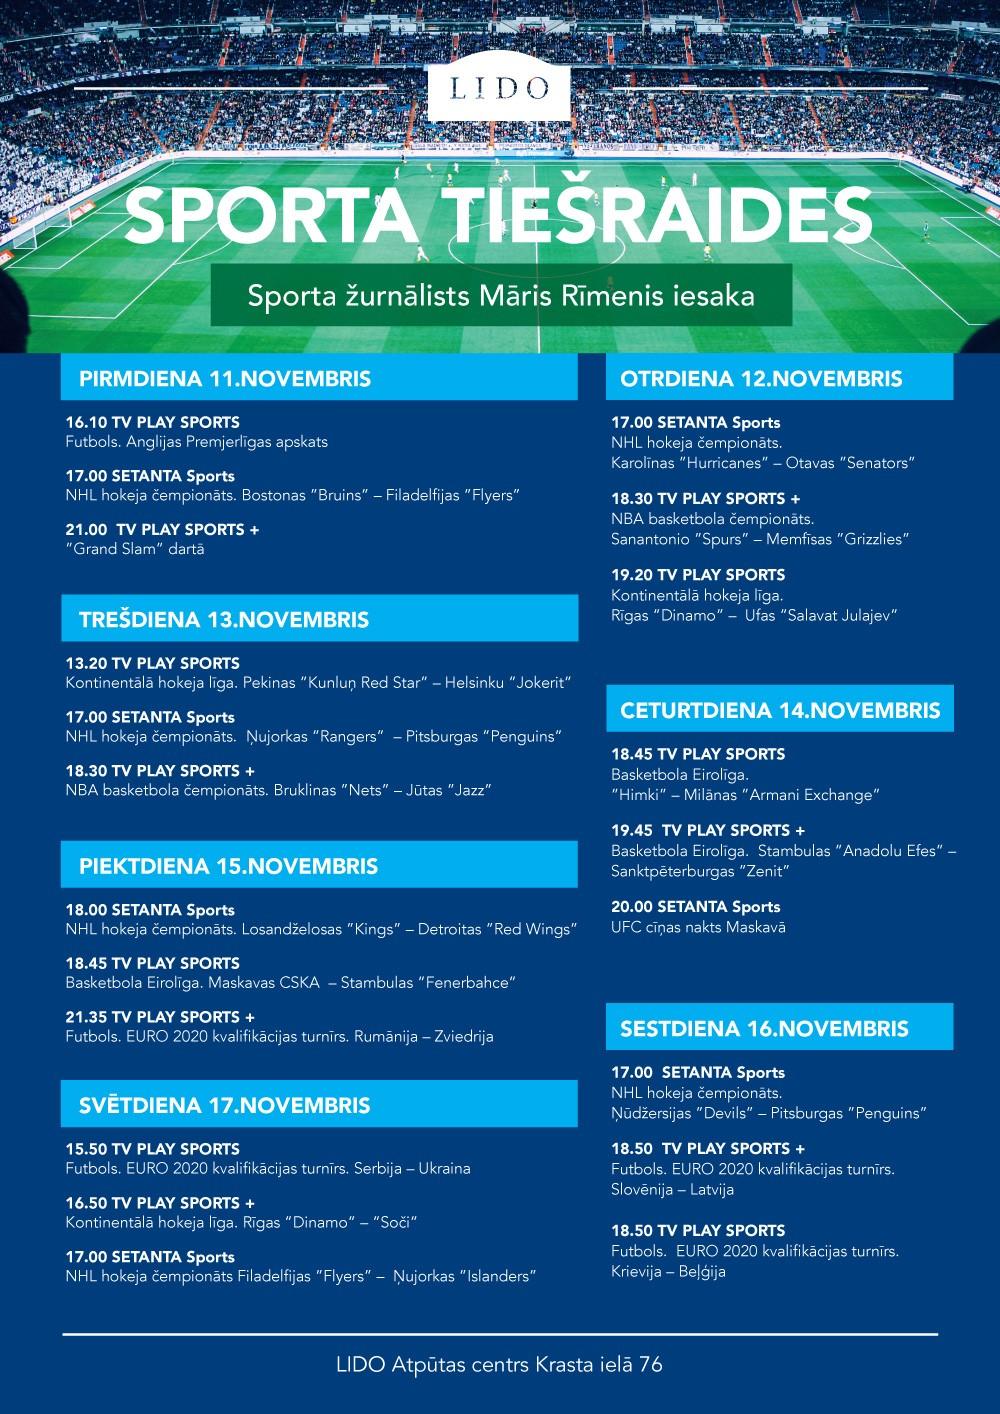 SportaAfisa-LAC-Novembris-A4-09.2019-Nedela2.jpg